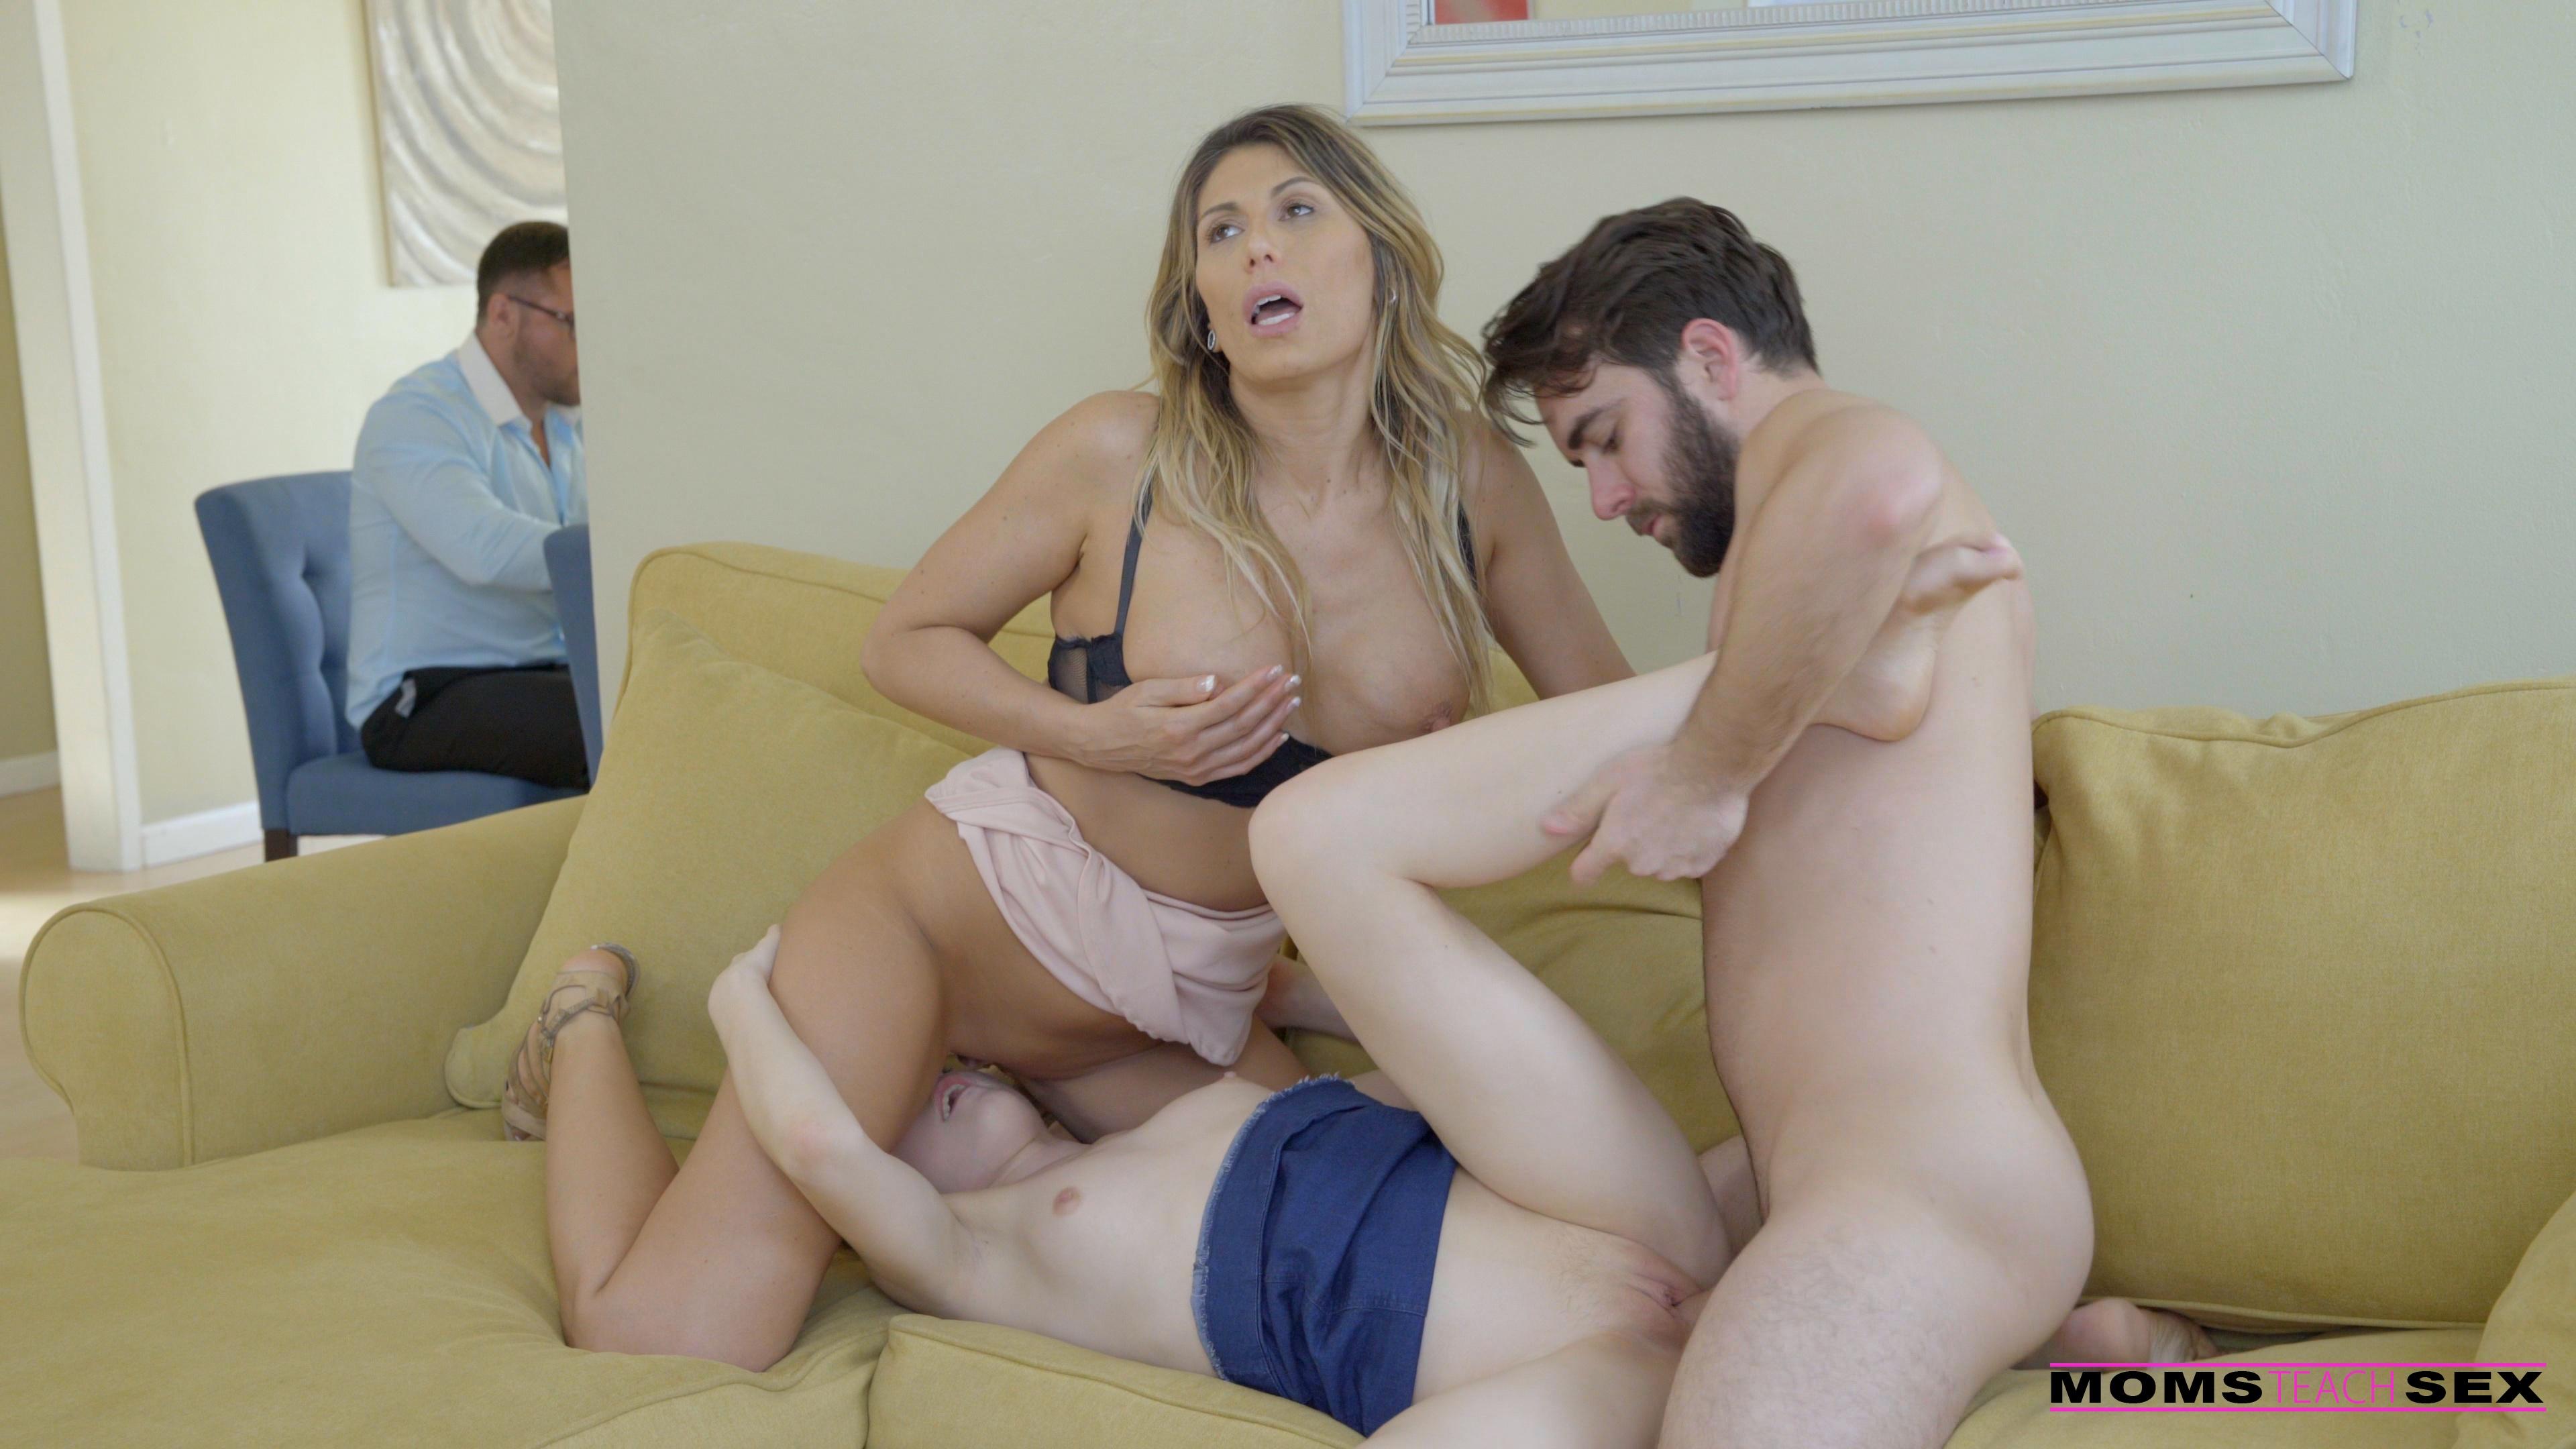 Moms teach sex com freetour